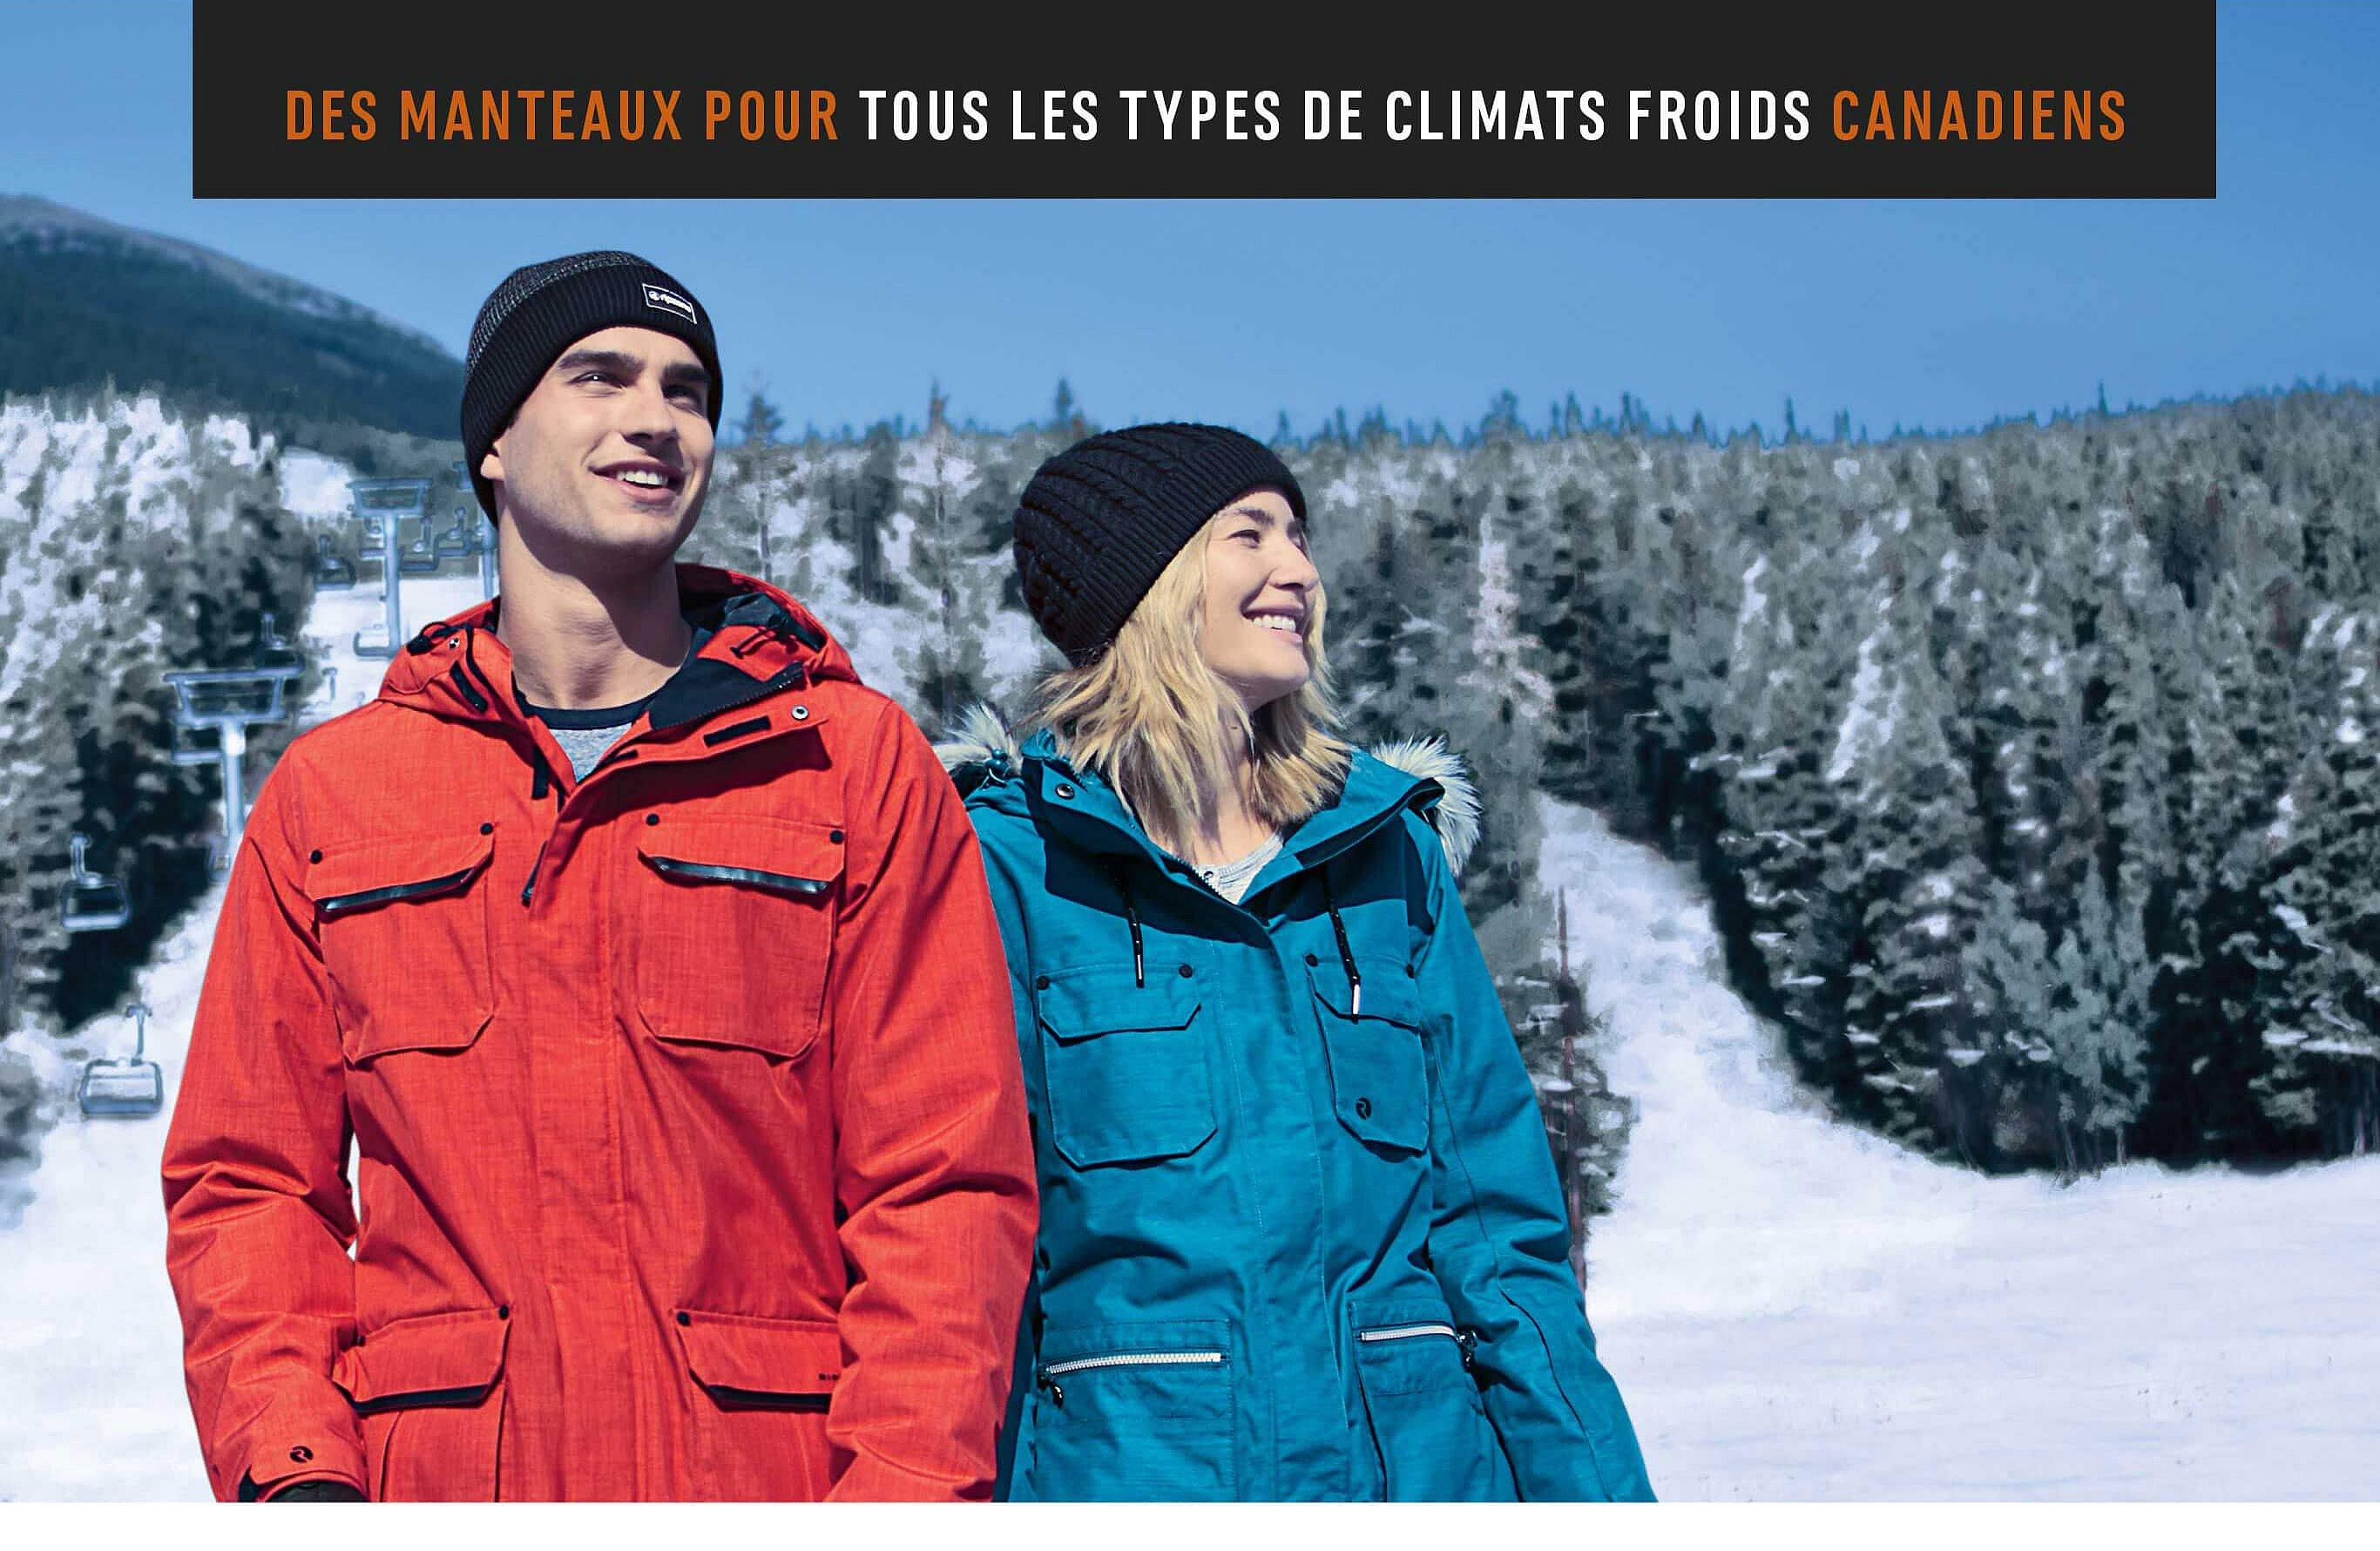 Des Manteaux pour tout les Types de Climats Froids Canadiens